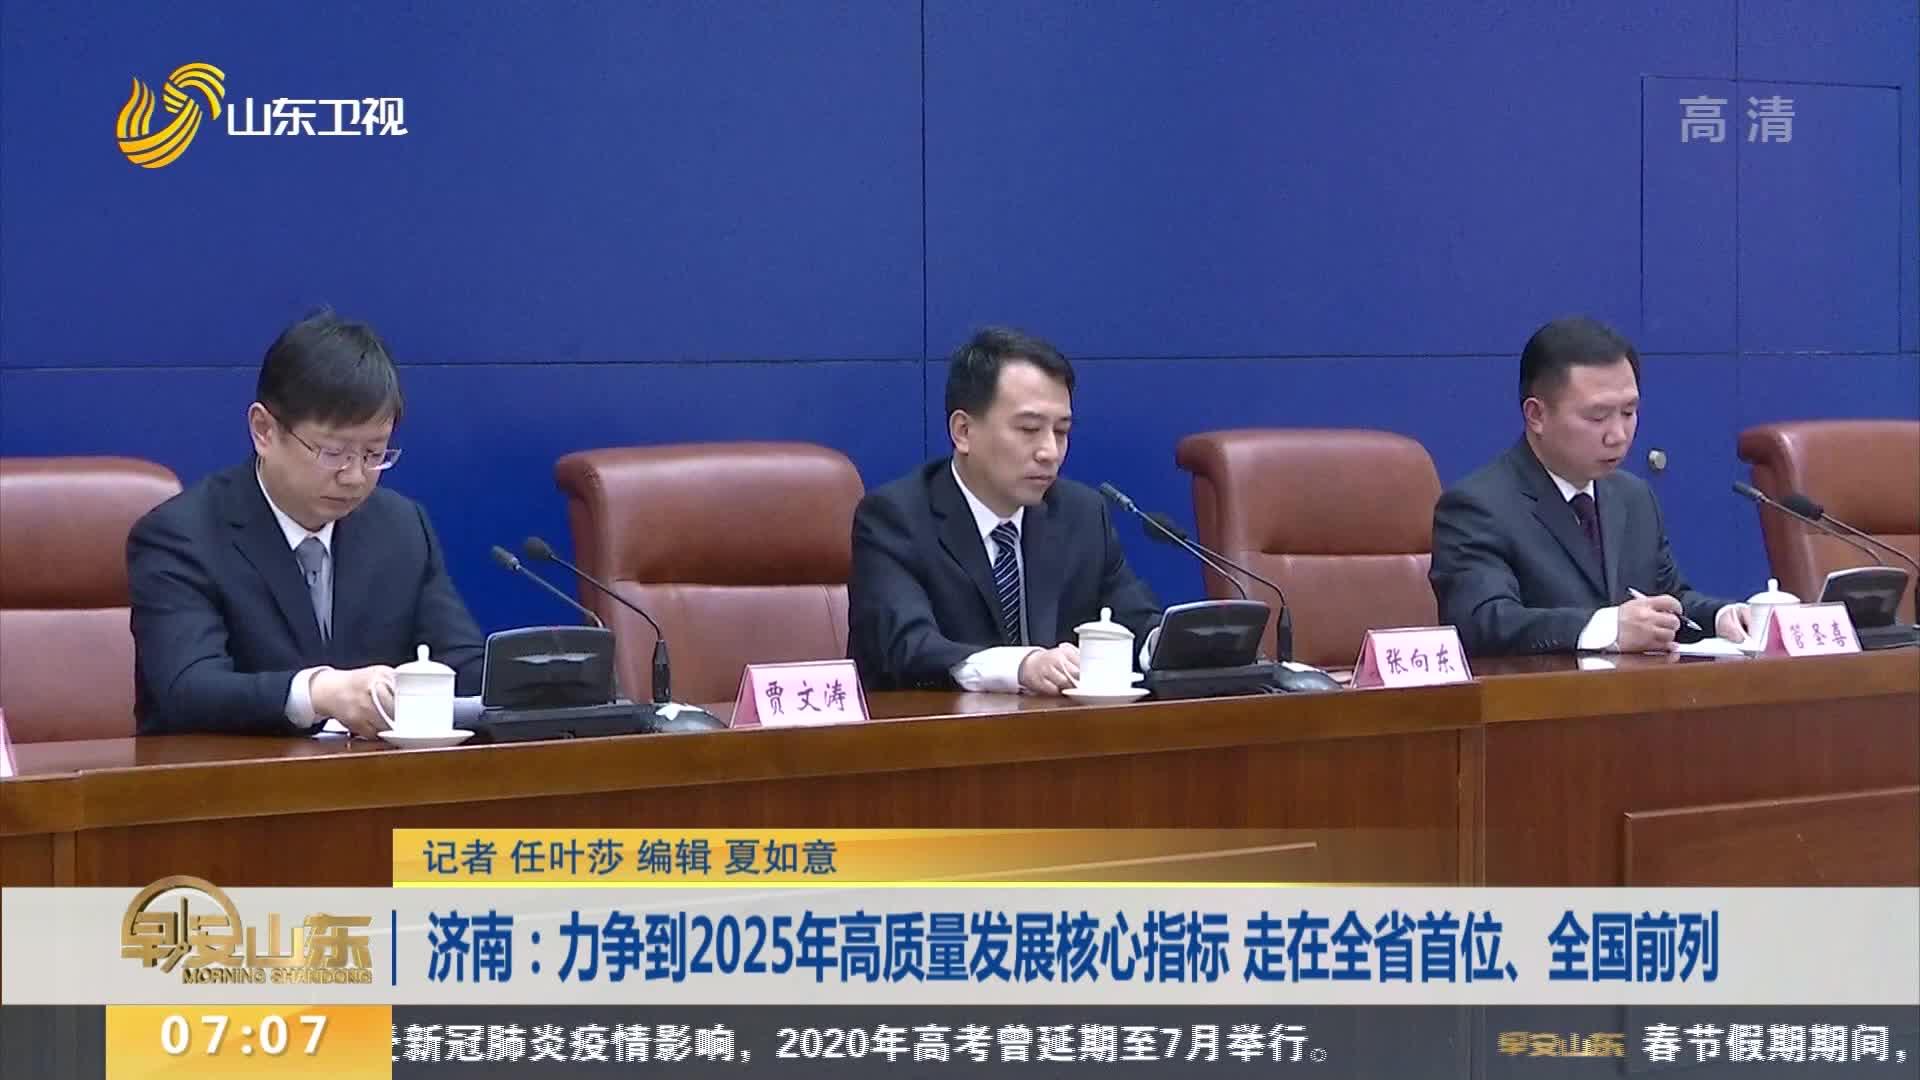 济南:力争到2025年高质量发展核心指标 走在全省首位、全国前列